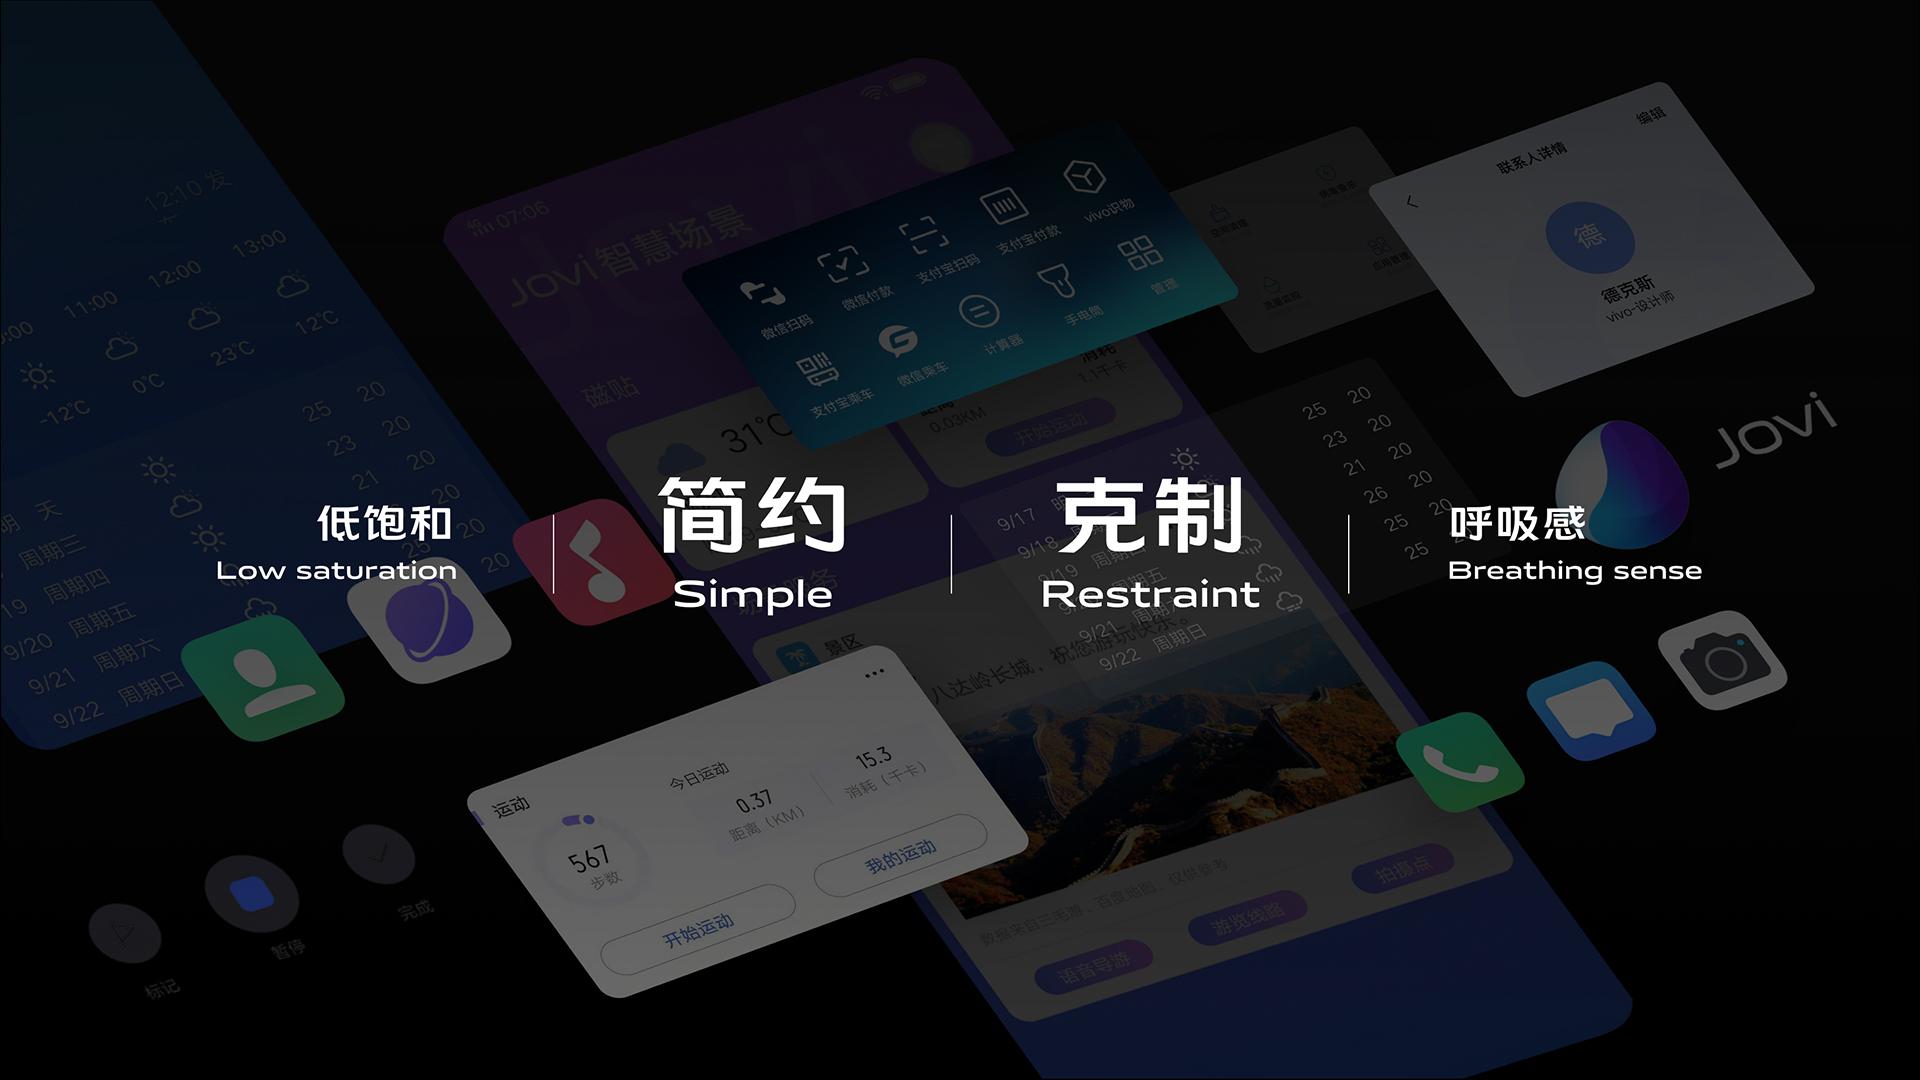 13-全新UI设计.jpg